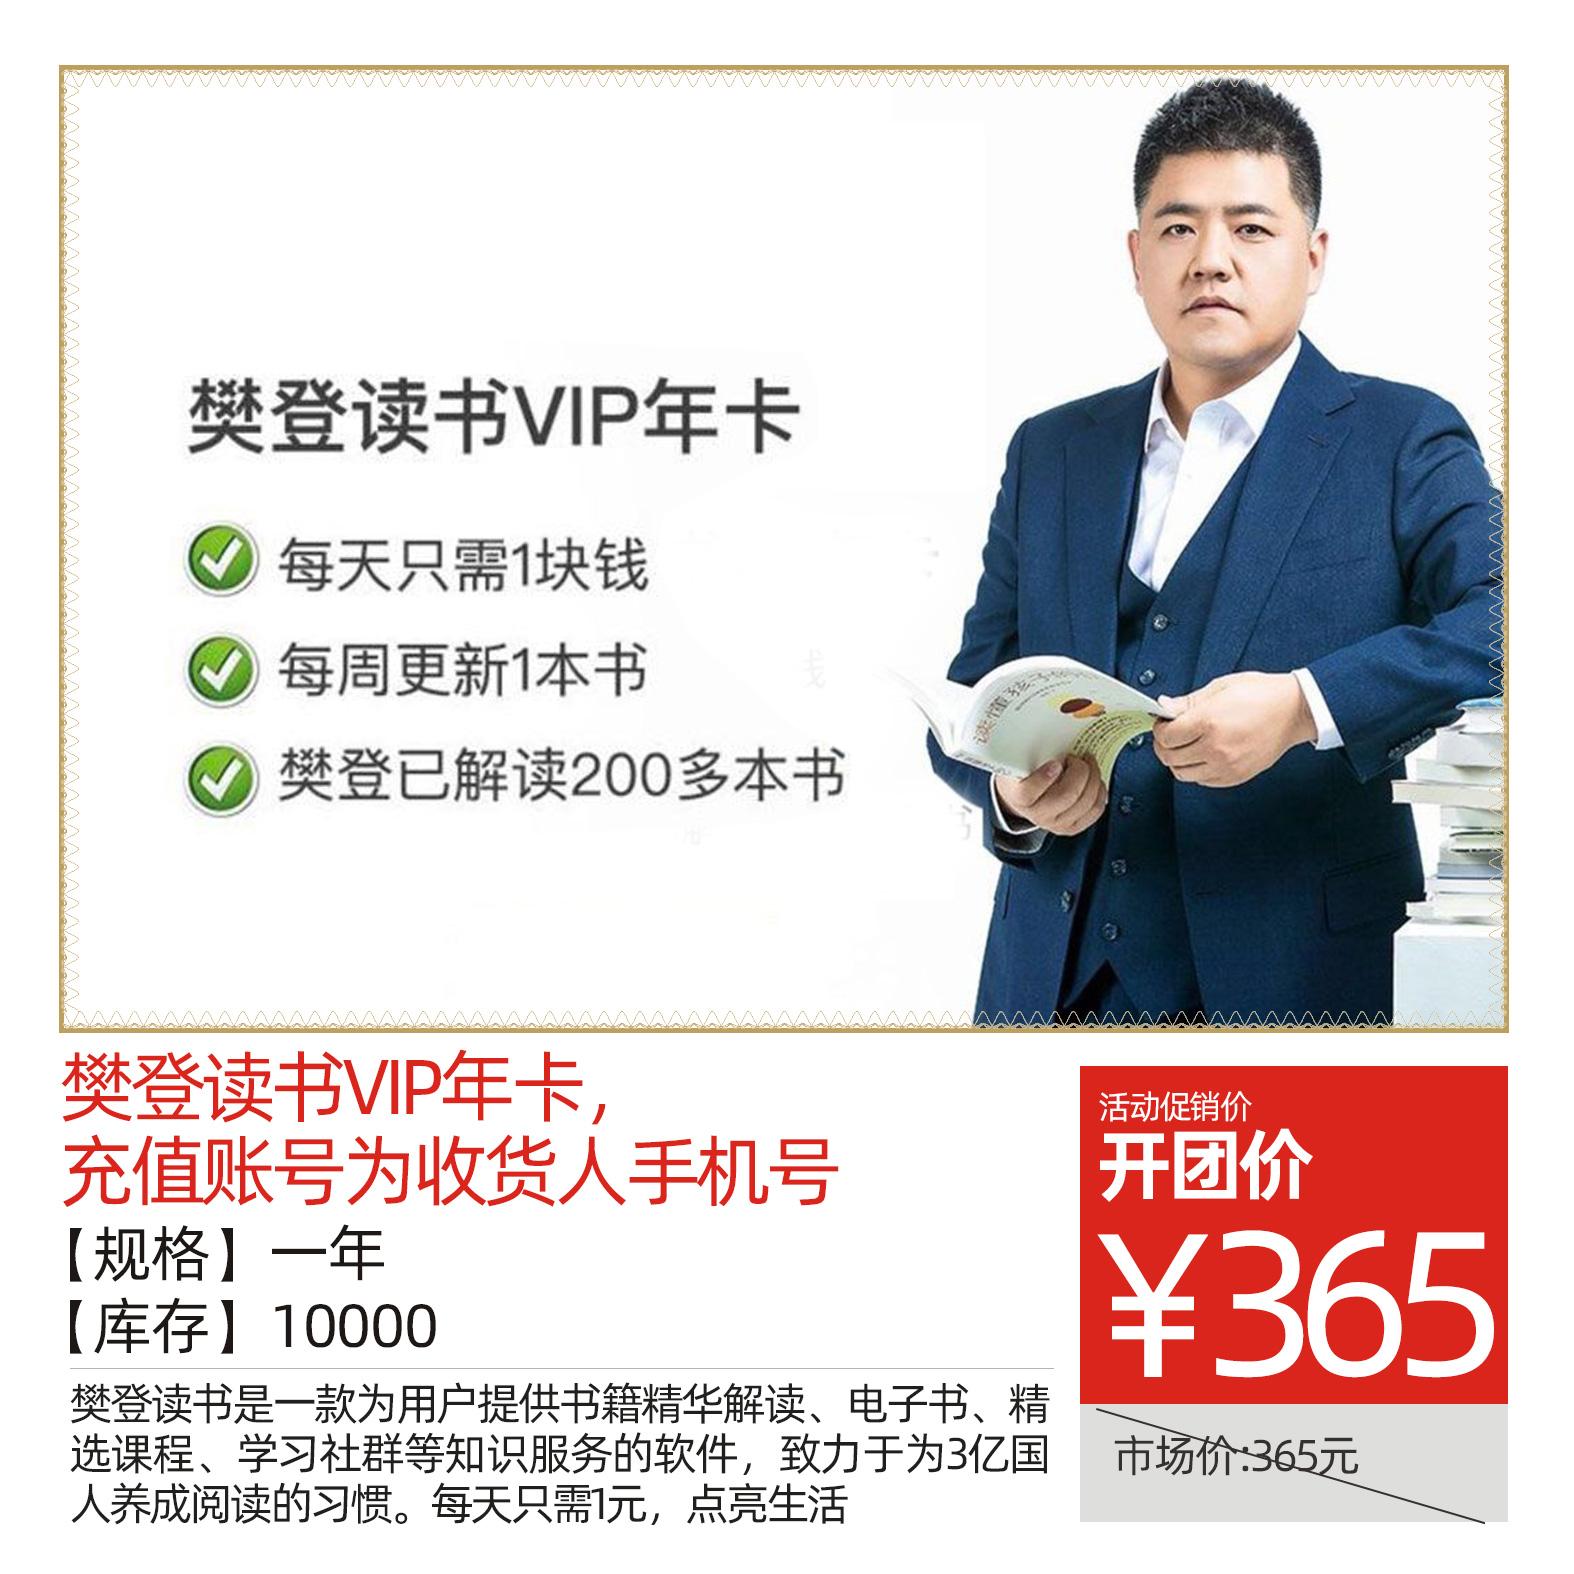 樊登读书VIP年卡,充值账号为收货人手机号